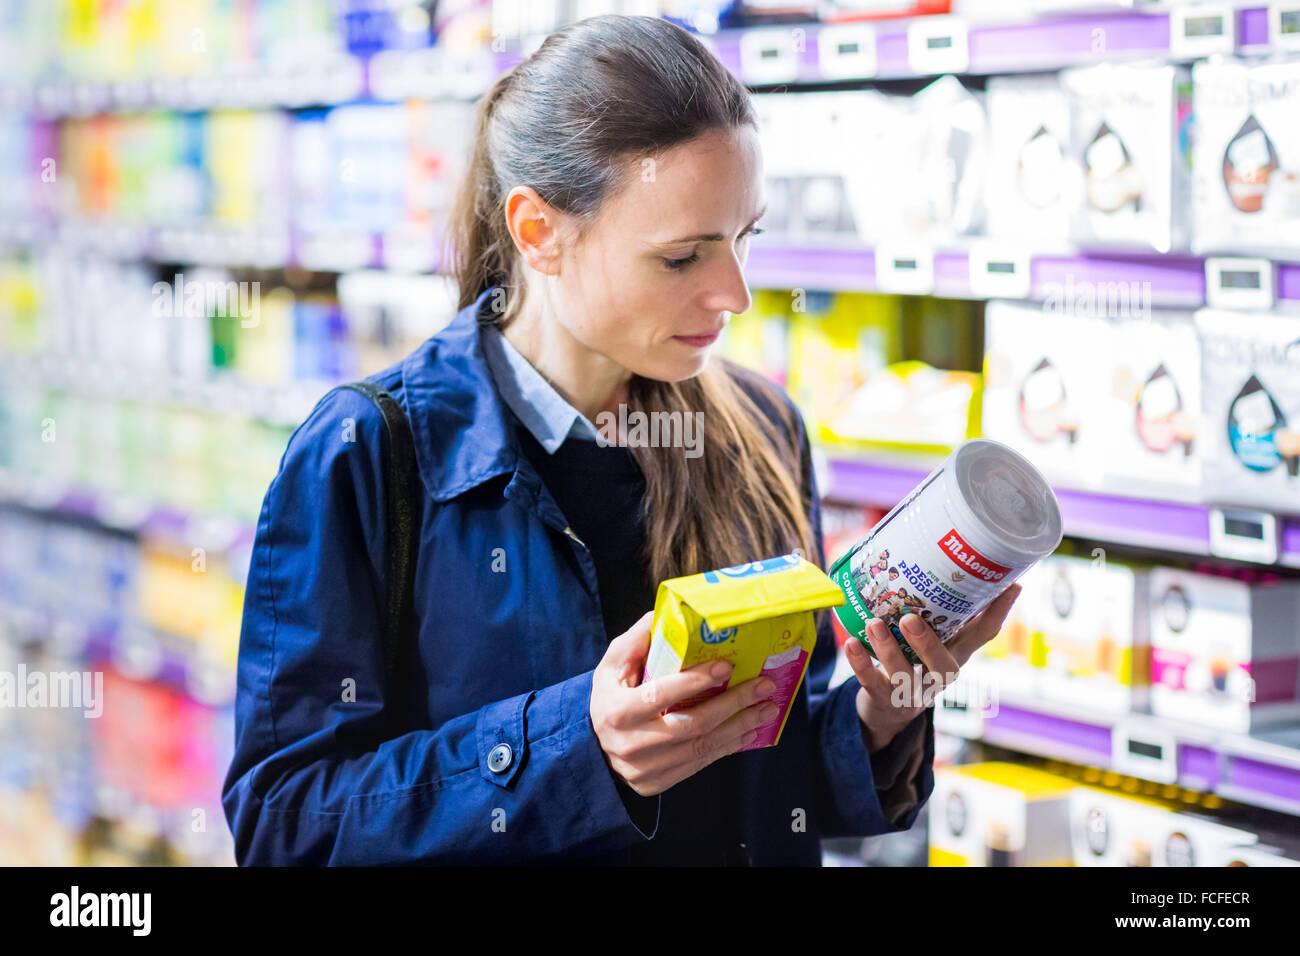 Il commercio equo e solidale la sezione in un supermercato. Immagini Stock